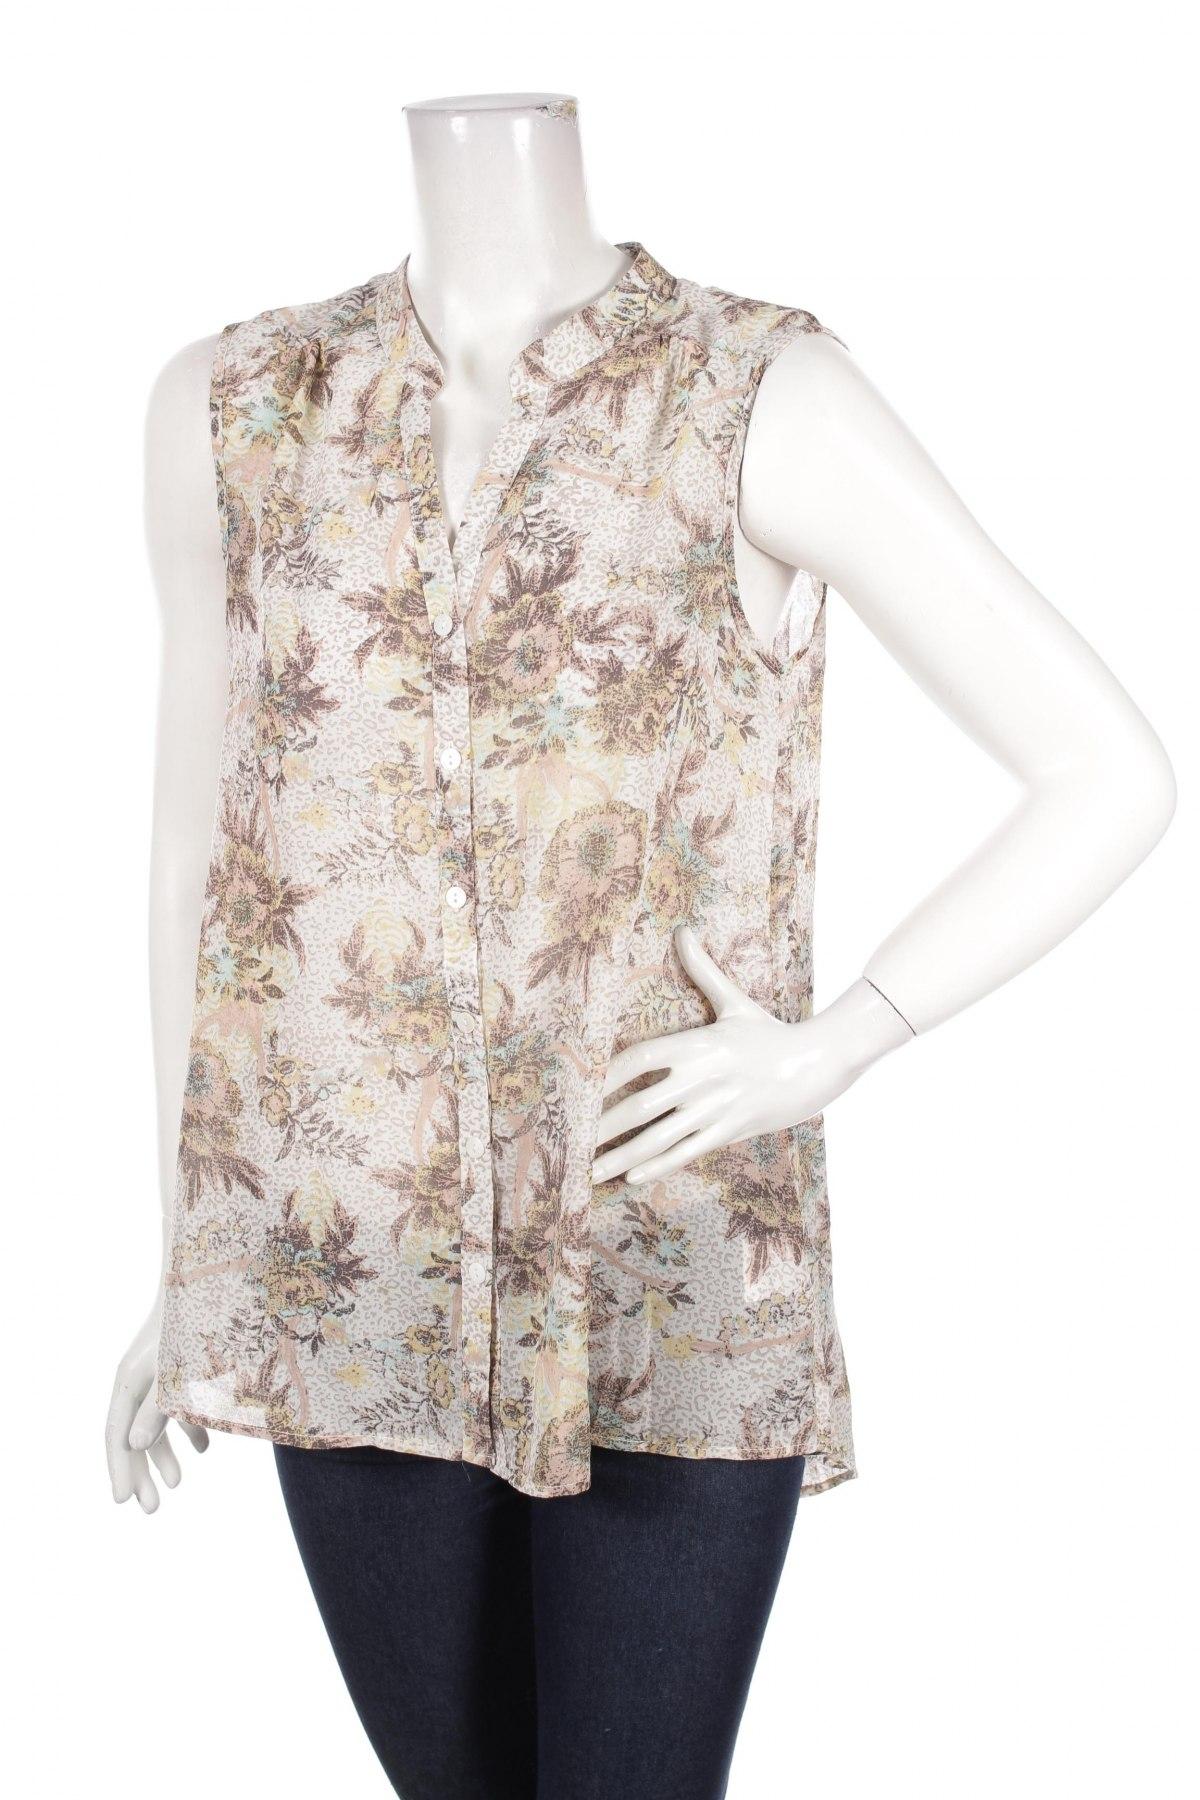 Γυναικείο πουκάμισο Millers, Μέγεθος L, Χρώμα Πολύχρωμο, 100% πολυεστέρας, Τιμή 9,90€